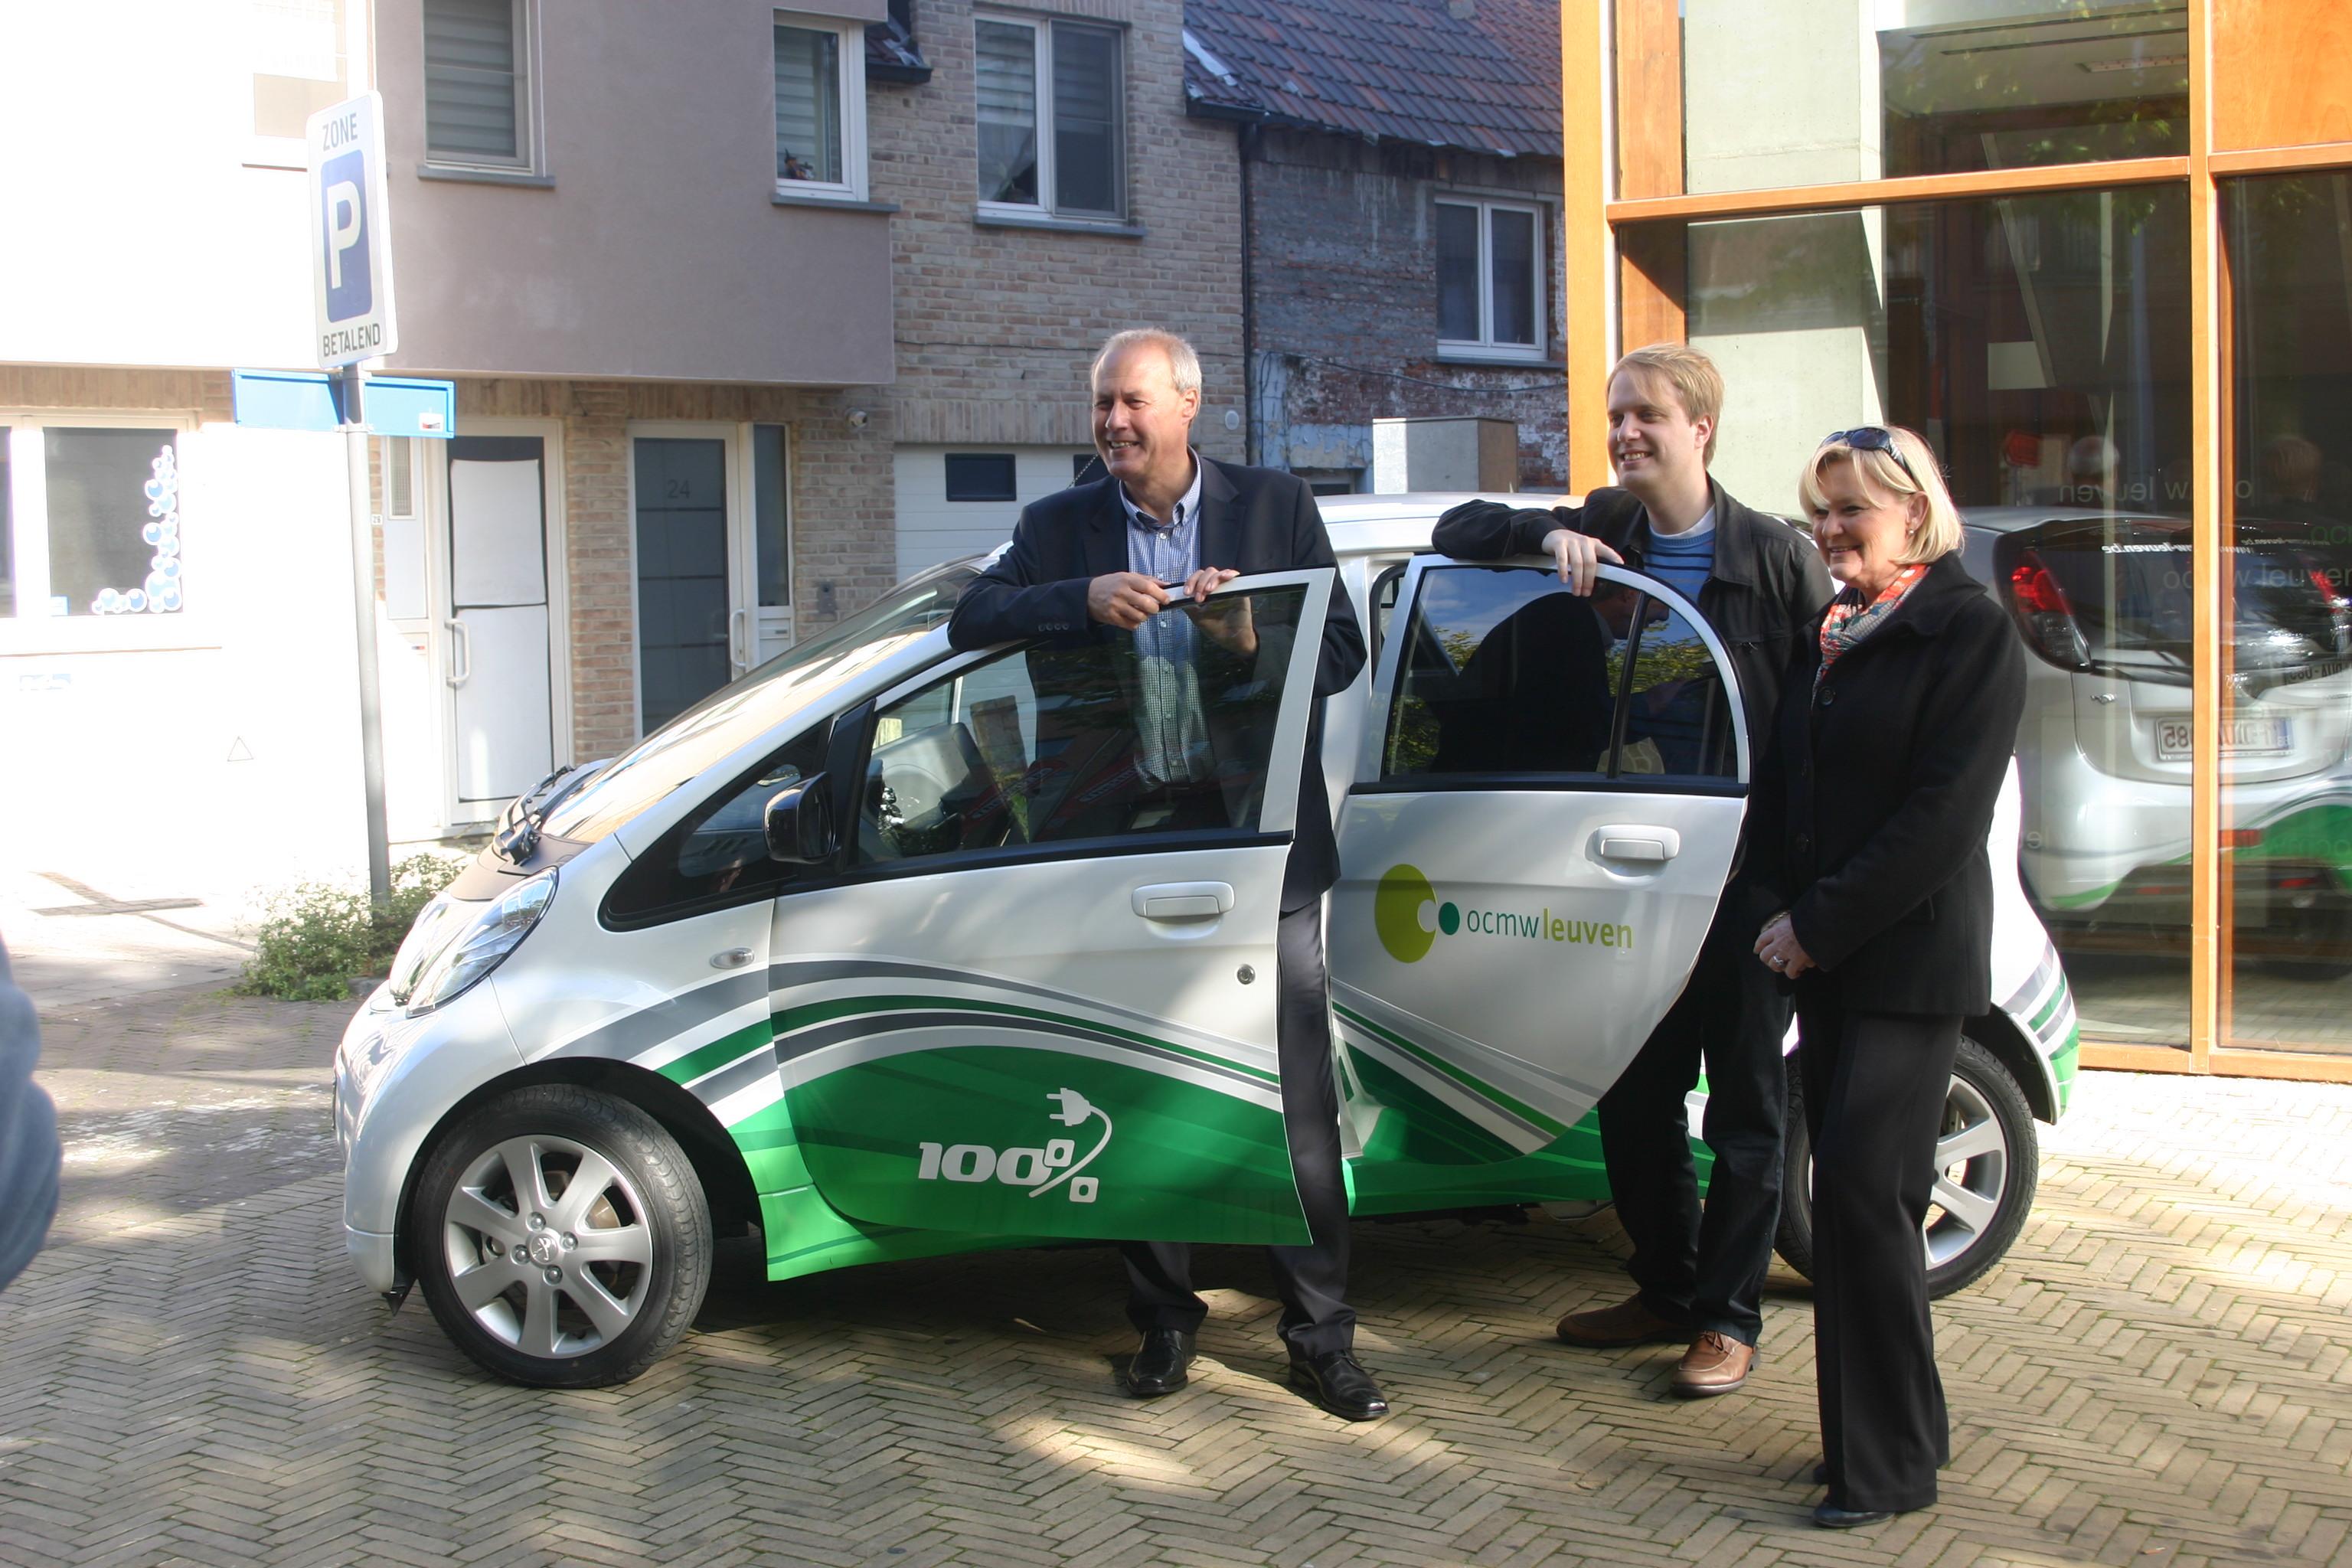 OCWM Leuven neemt elektrische auto in gebruik ? Leven in Leuven